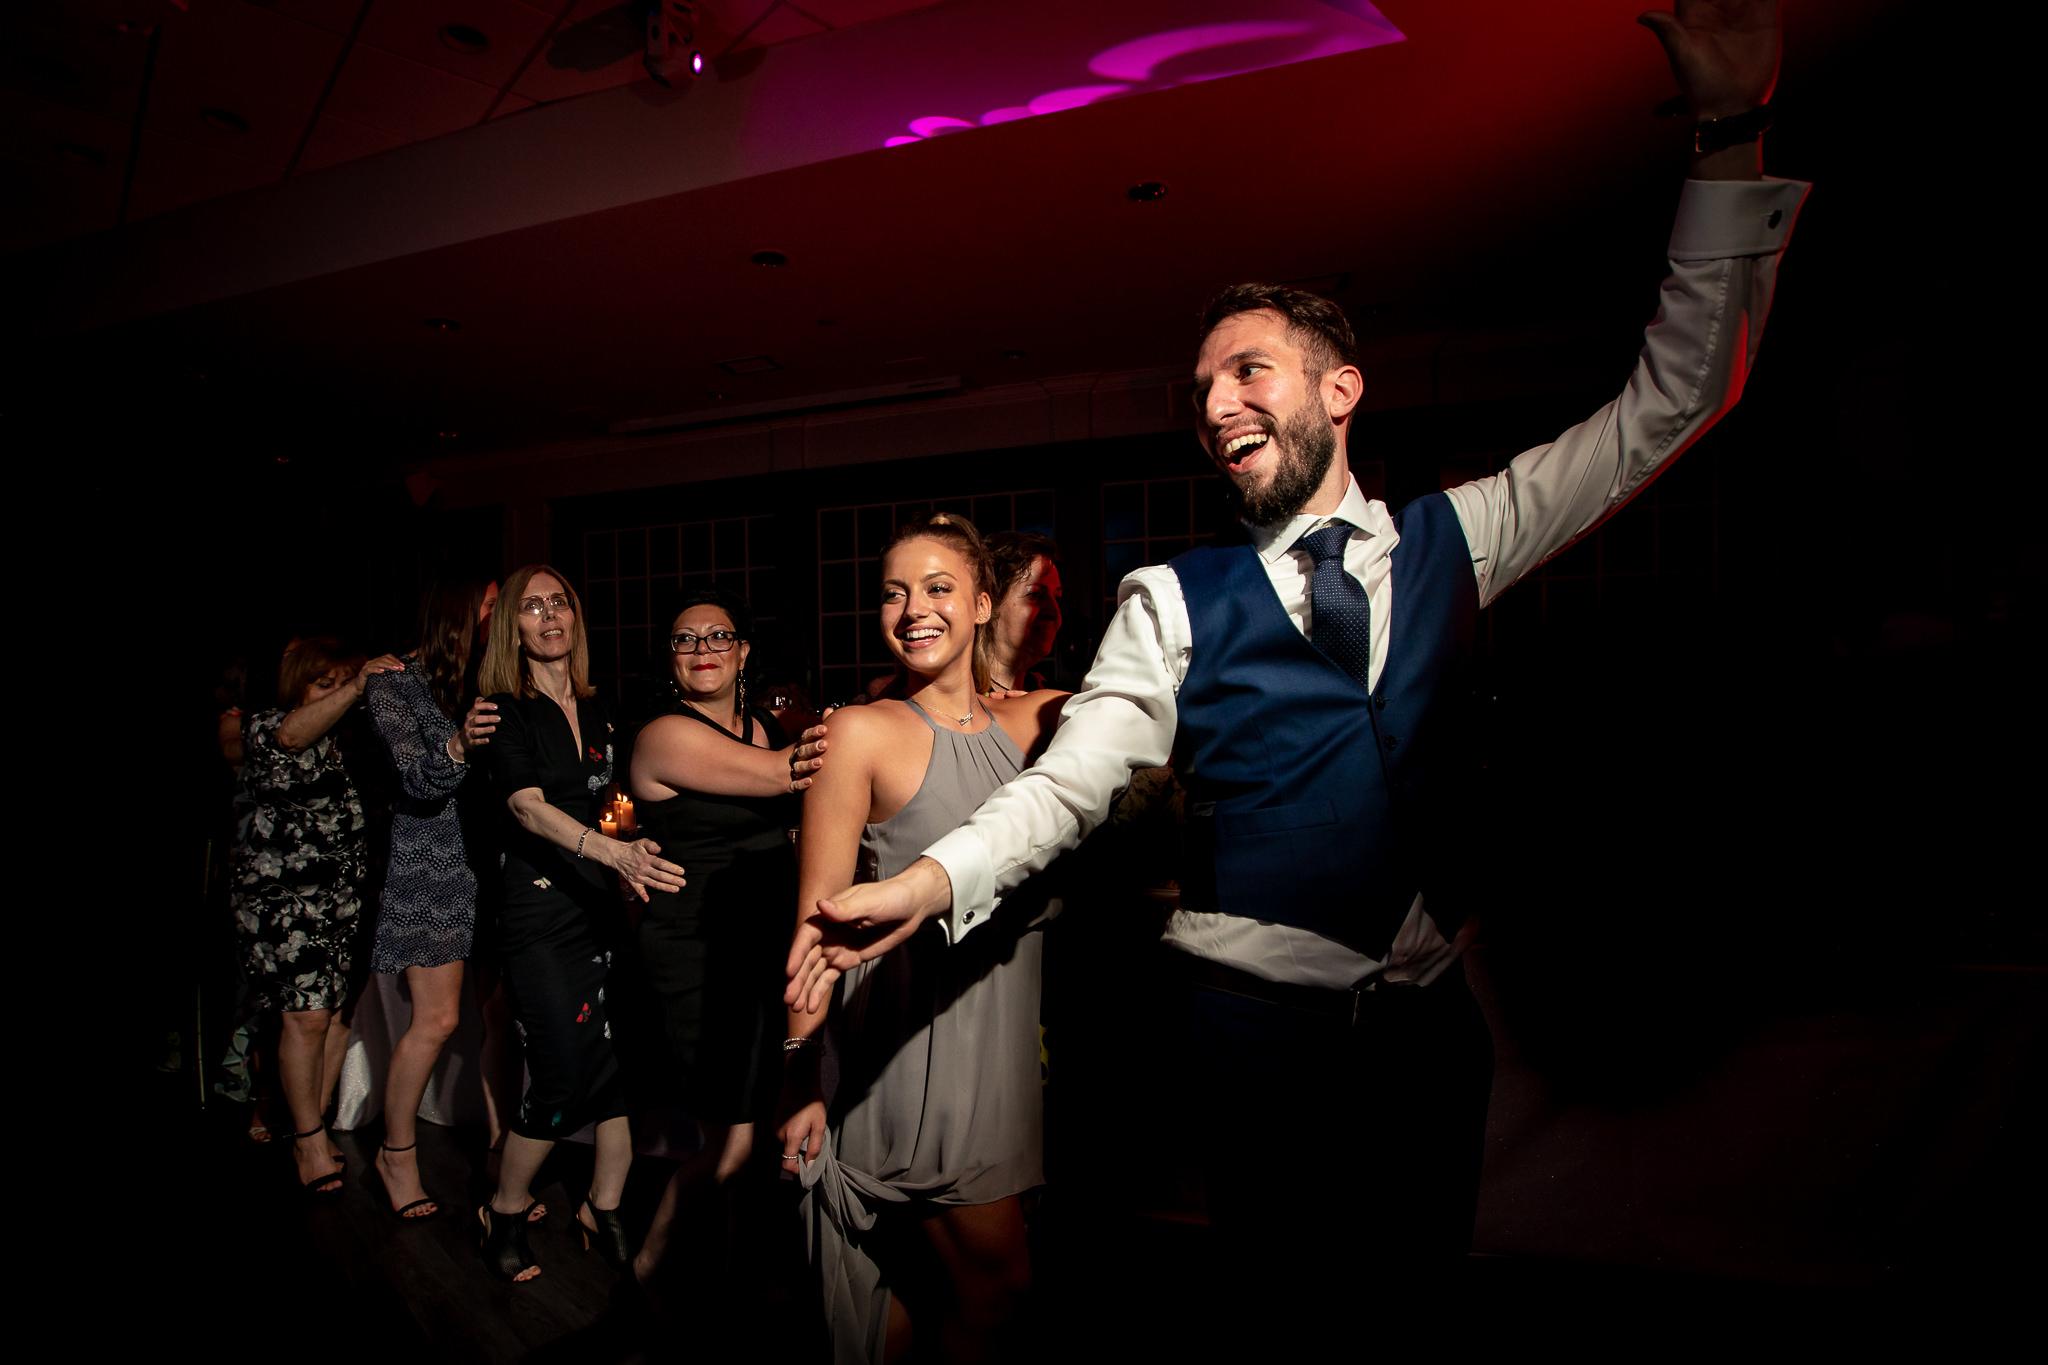 doctor's house wedding photos-52.jpg